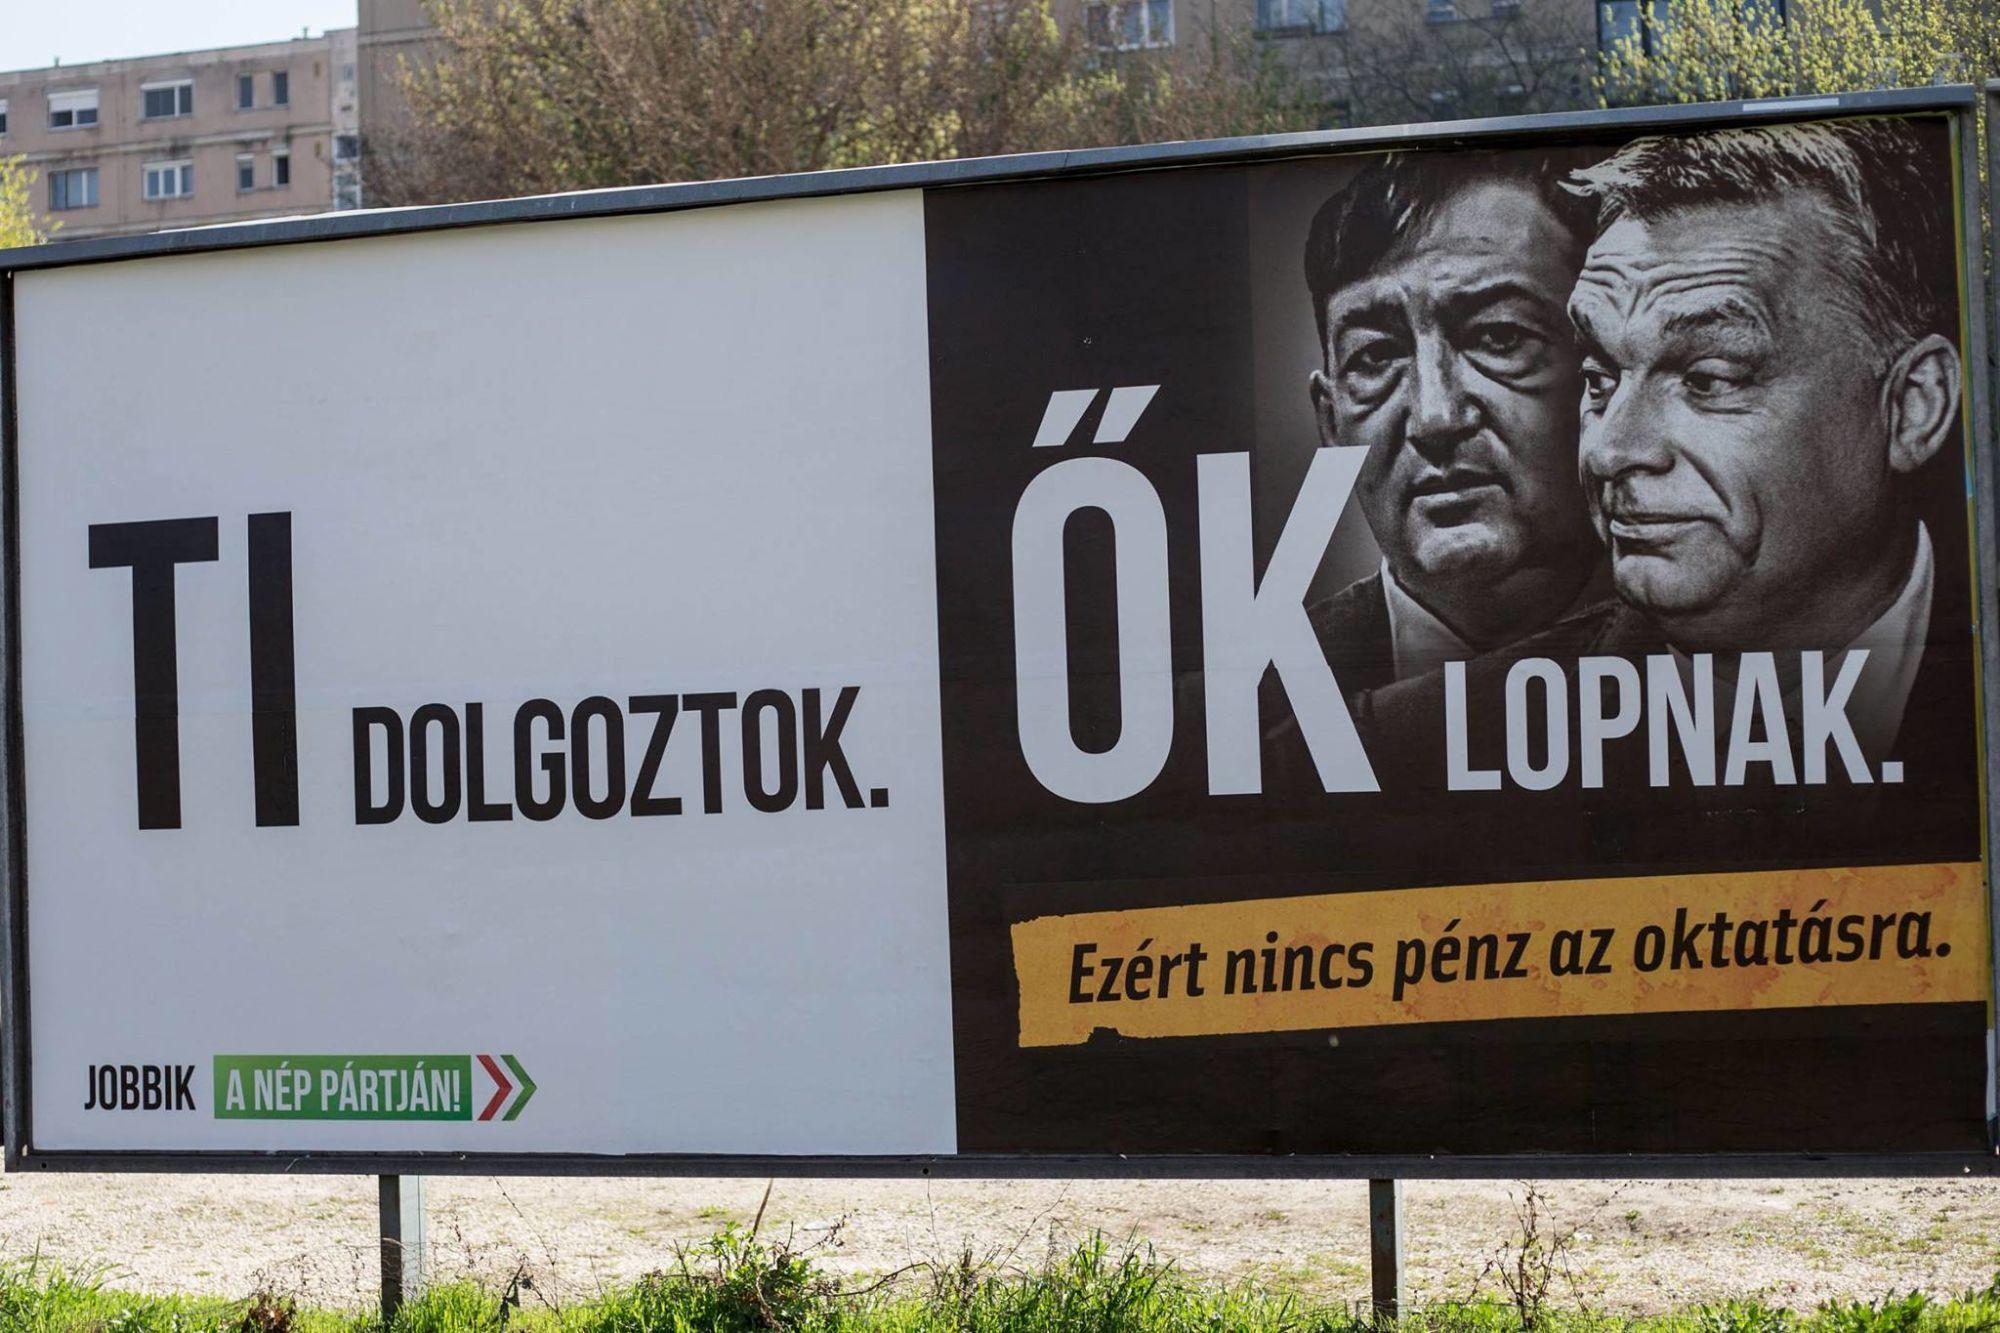 Két fideszes önkormányzat is letiltotta a plakátozást a kampány előtt